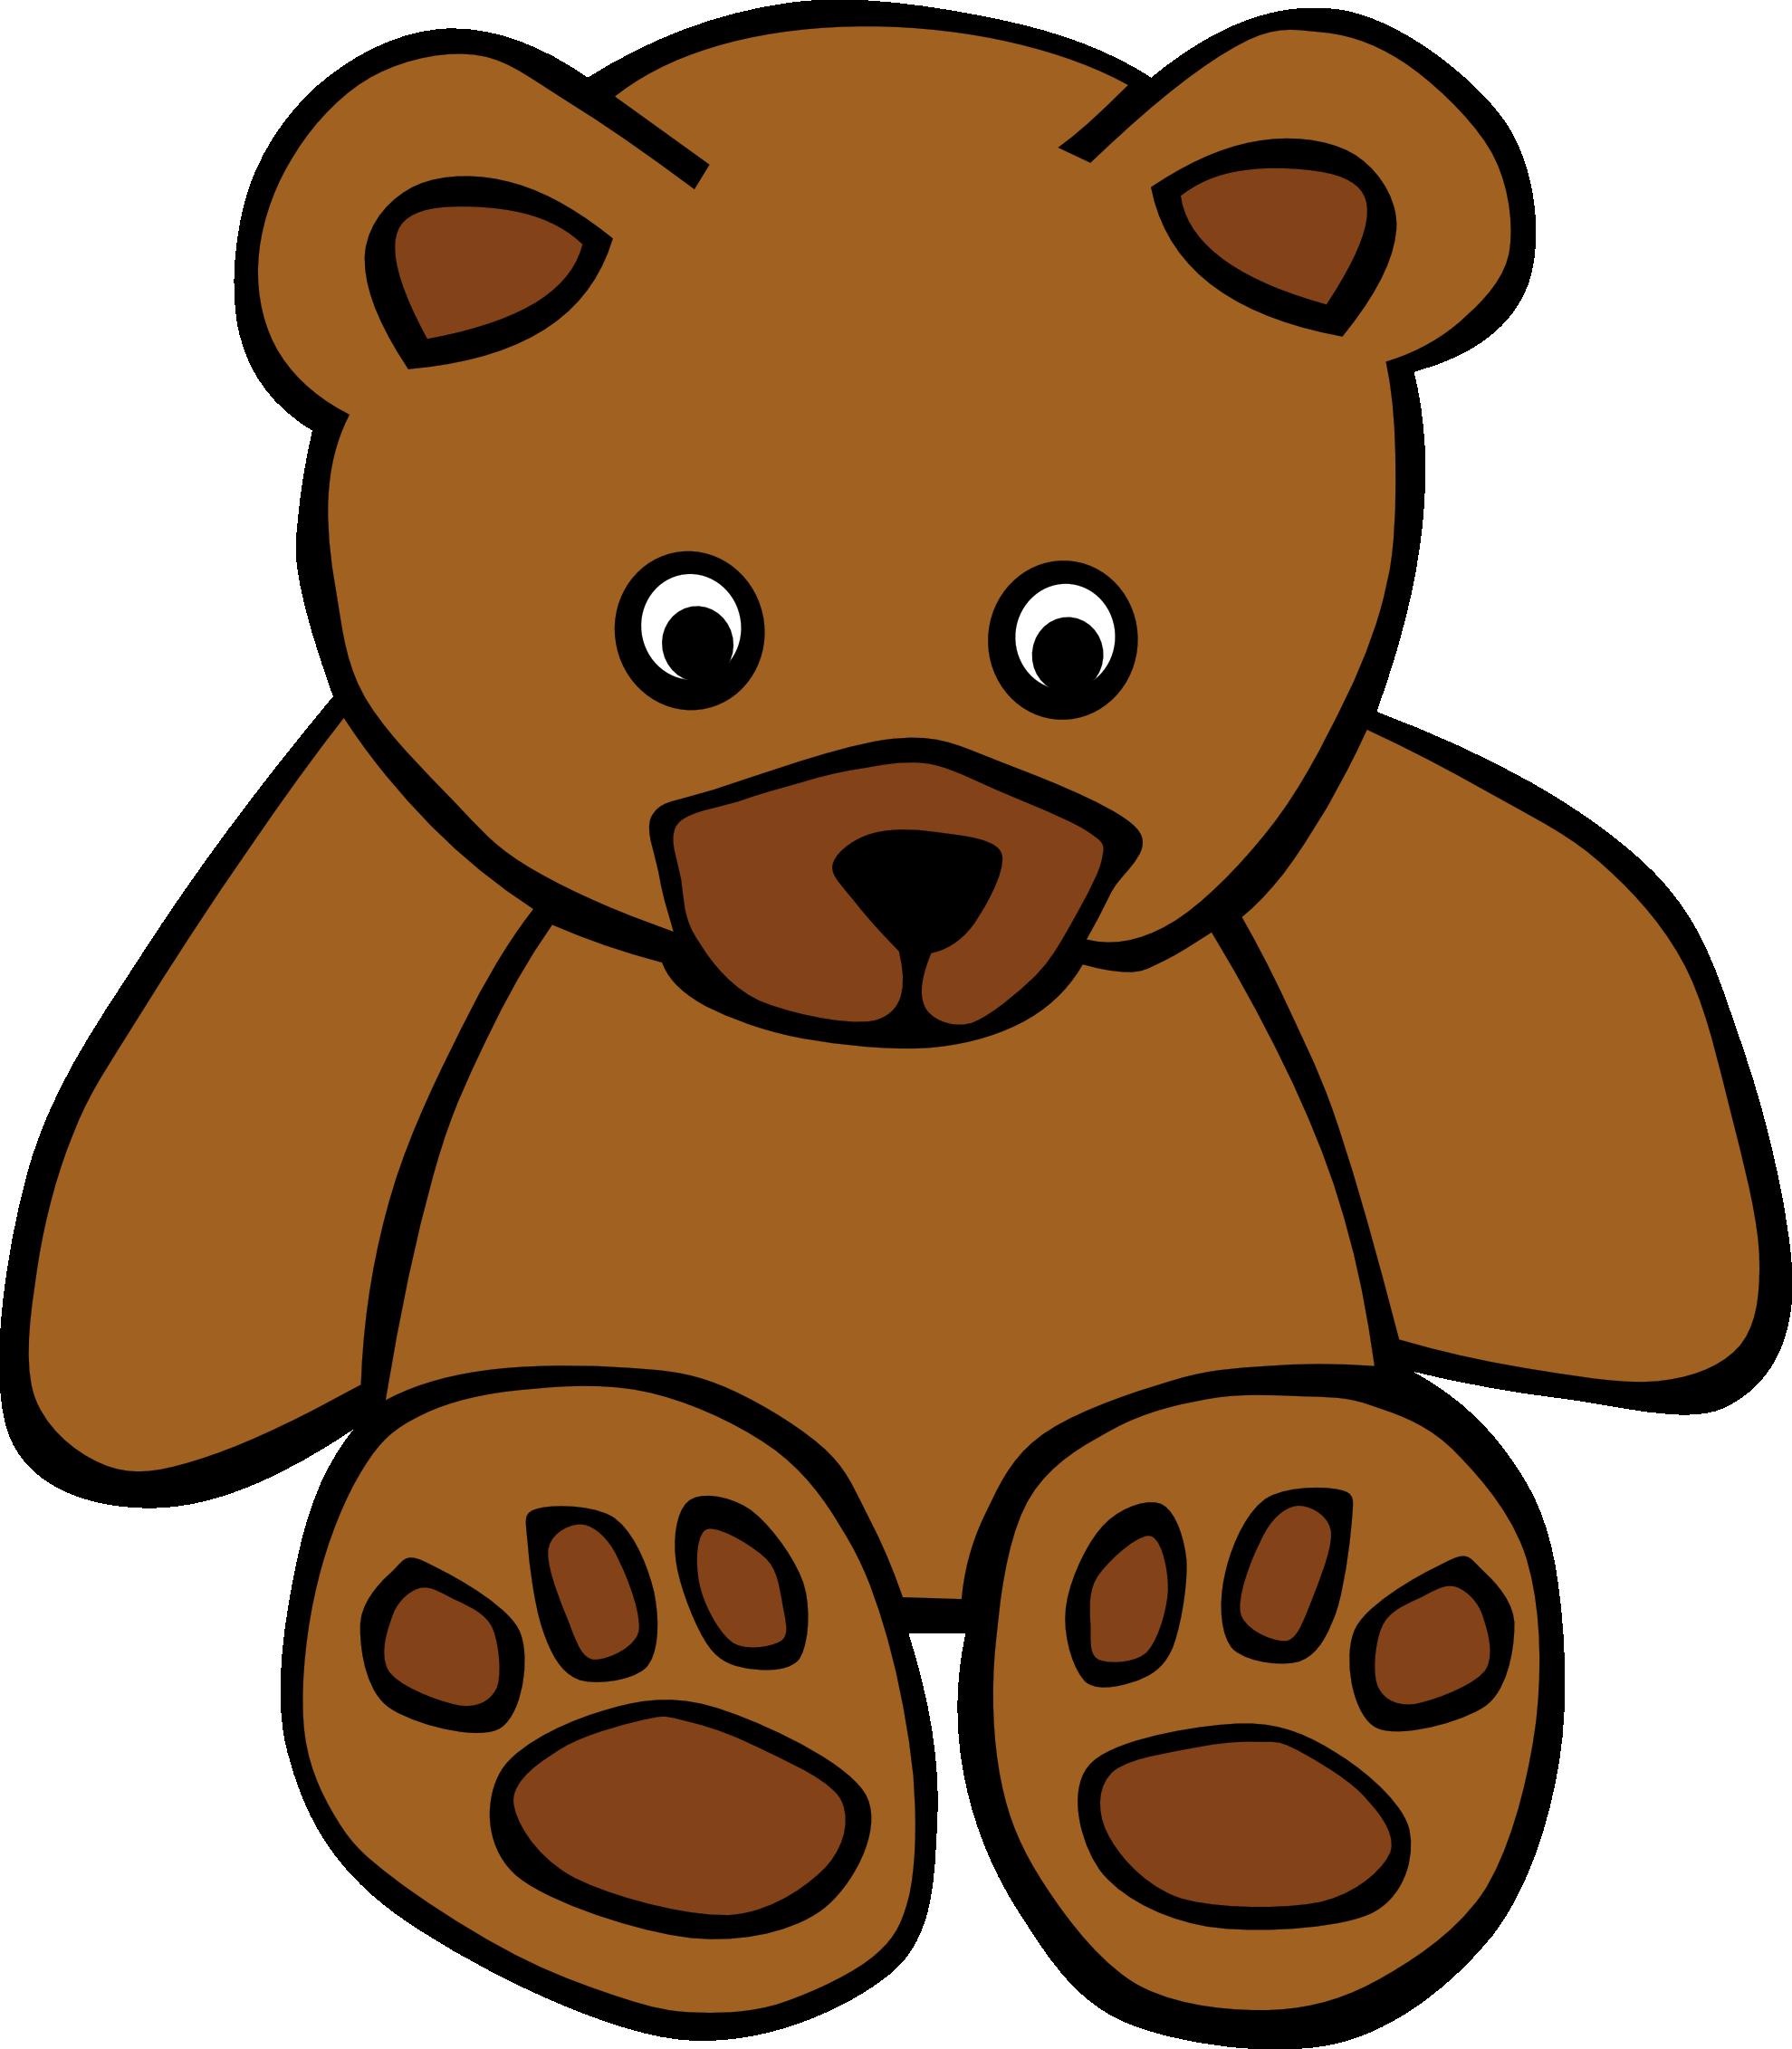 Teddy Bear Clipart-teddy bear clipart-12